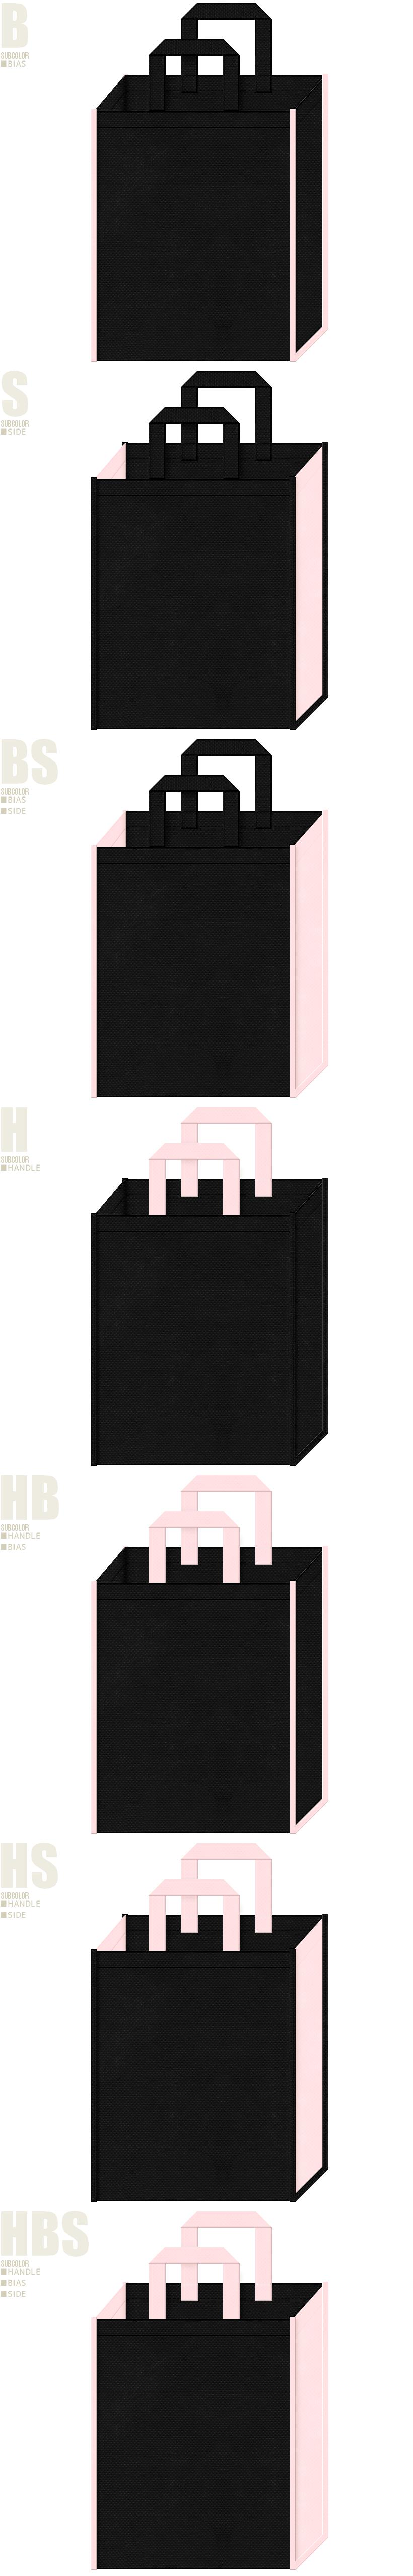 黒色と桜色、7パターンの不織布トートバッグ配色デザイン例。